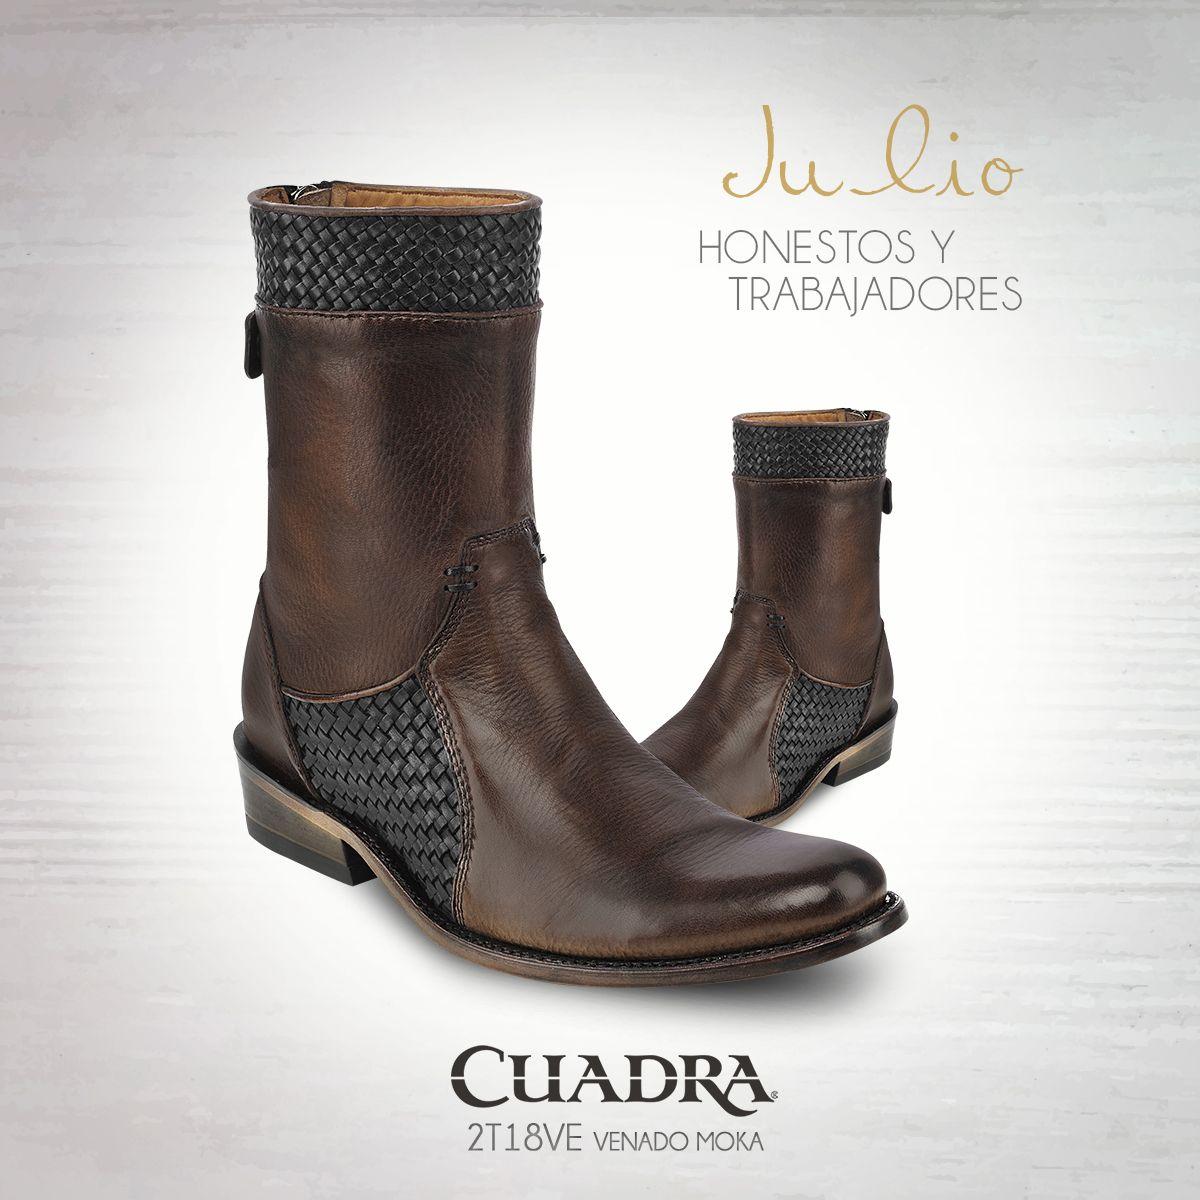 Botas de avestruz color gris ropa bolsas y calzado en mercadolibre - Bienvenido Julio Con Mis Botas Cuadra Boots Fashionstyle